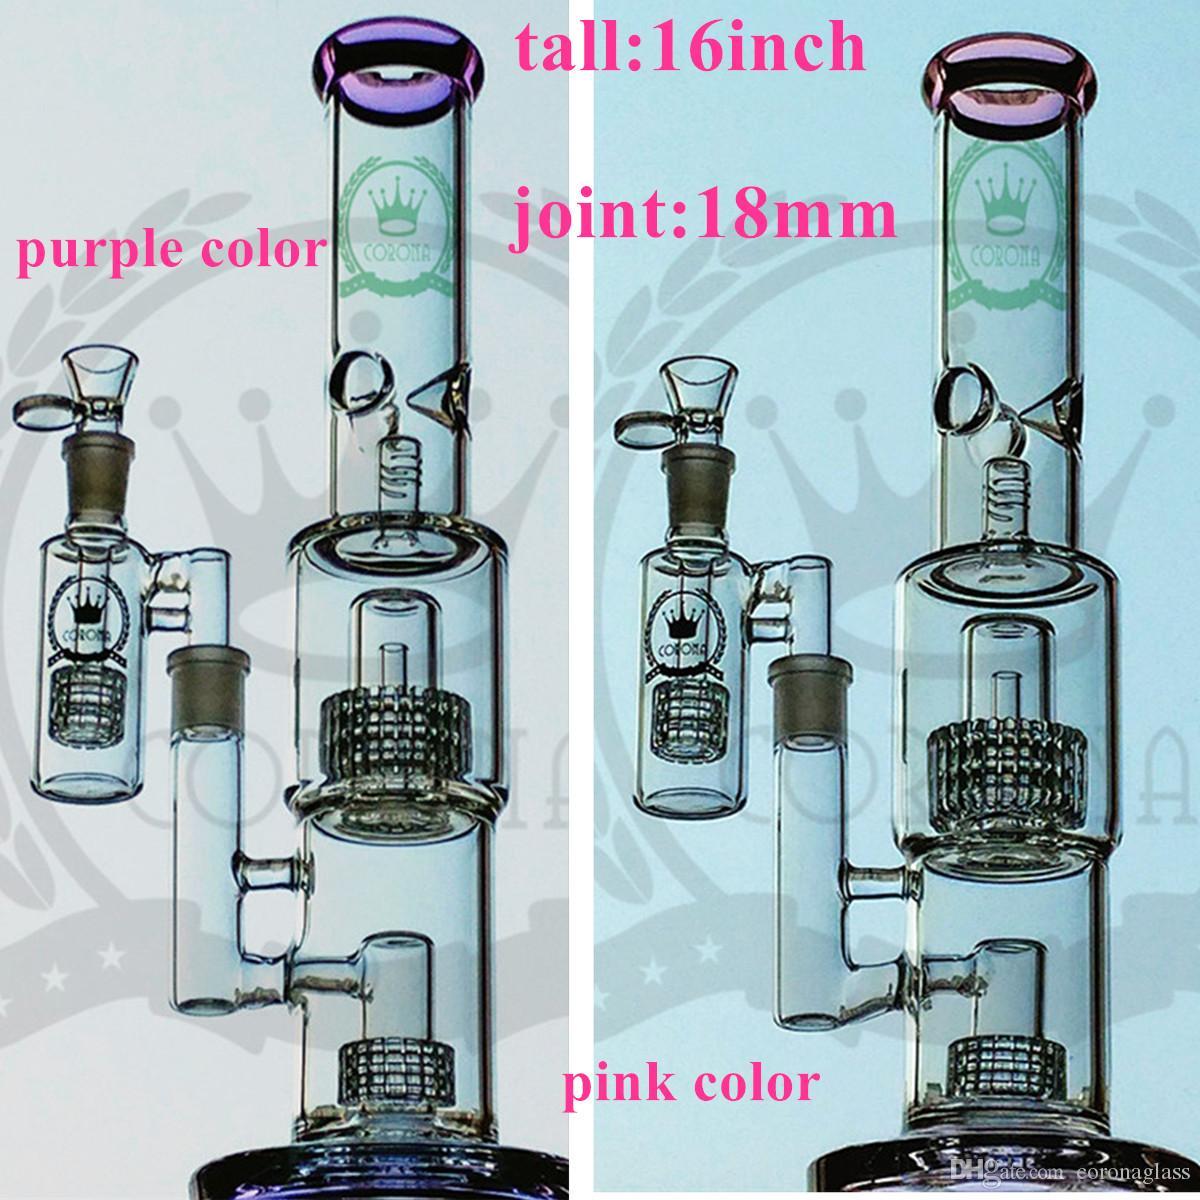 Bong New Design Nägel Bongs Glas Wasserpfeifen Bongs Pyrex Wasser Bongs mit bunten Lippen 18mm Joint Beaker Bong Wasserpfeifen Oil Rigs Bong